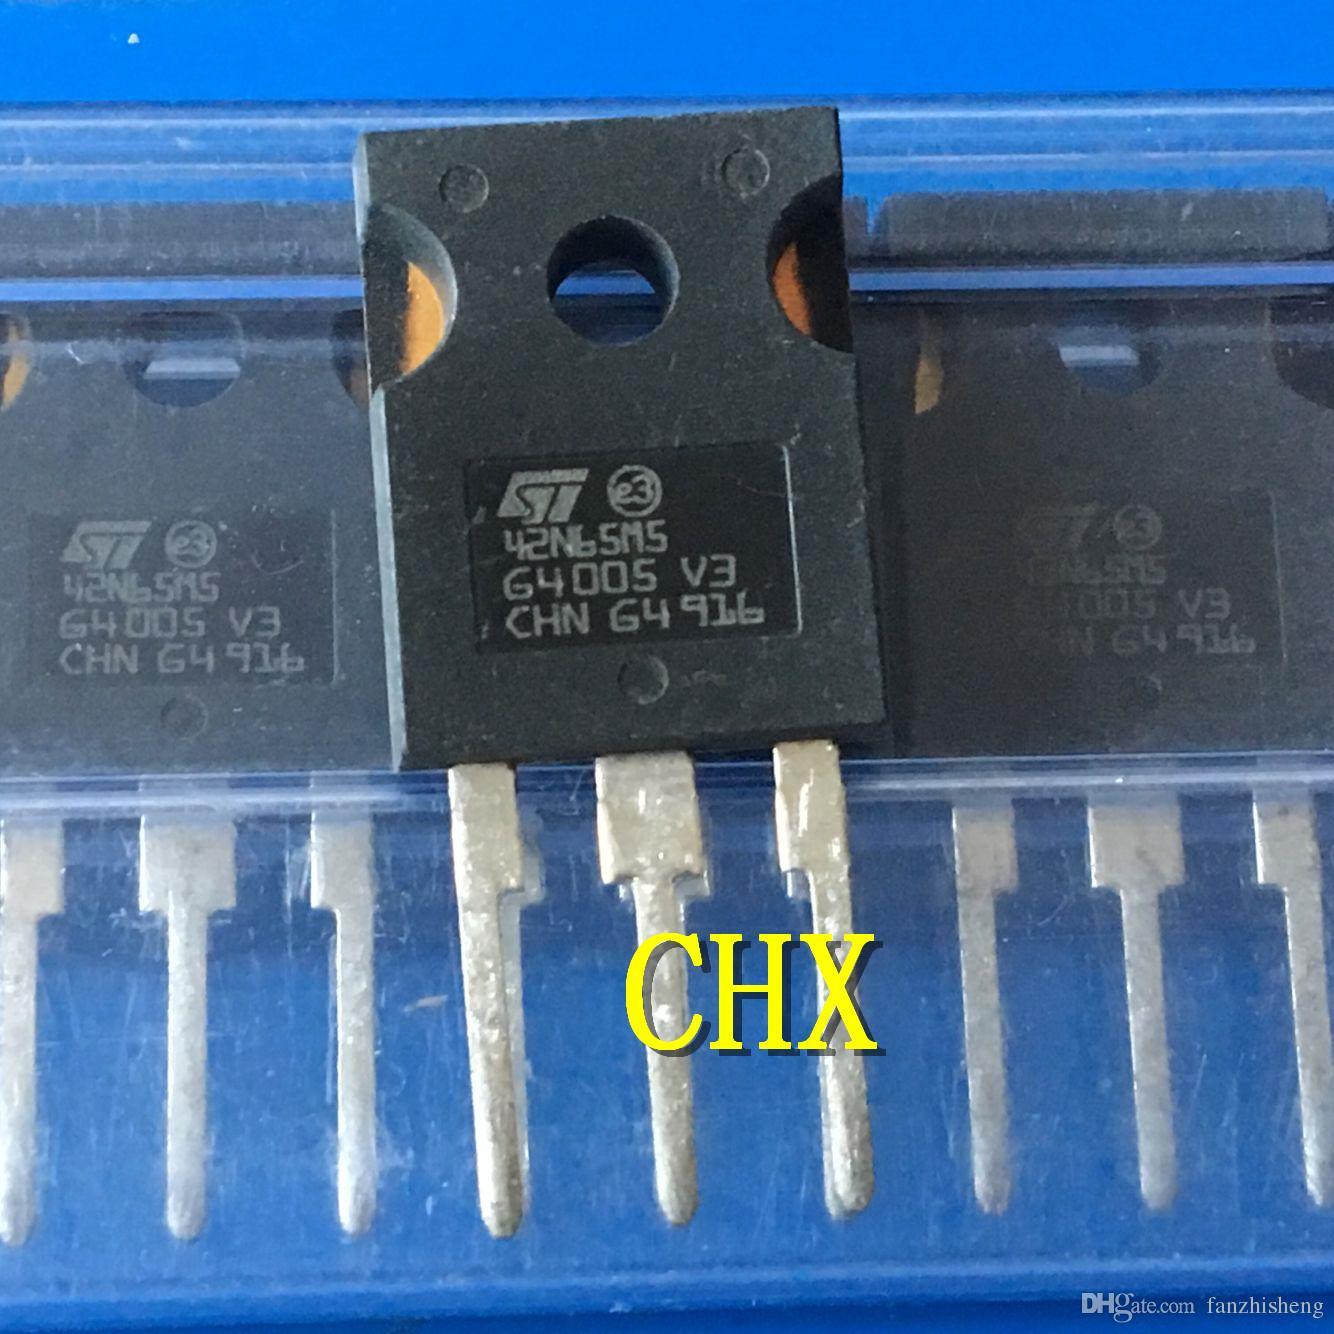 5 / PCS neues ursprüngliches TO3P TO247 IC K39N60W TK39N60W 42N65M5 STW42N65M5 TK31N60X K31N60X K31N60W TK62N60W5 K62N60W5 TK62N60W K62N60W